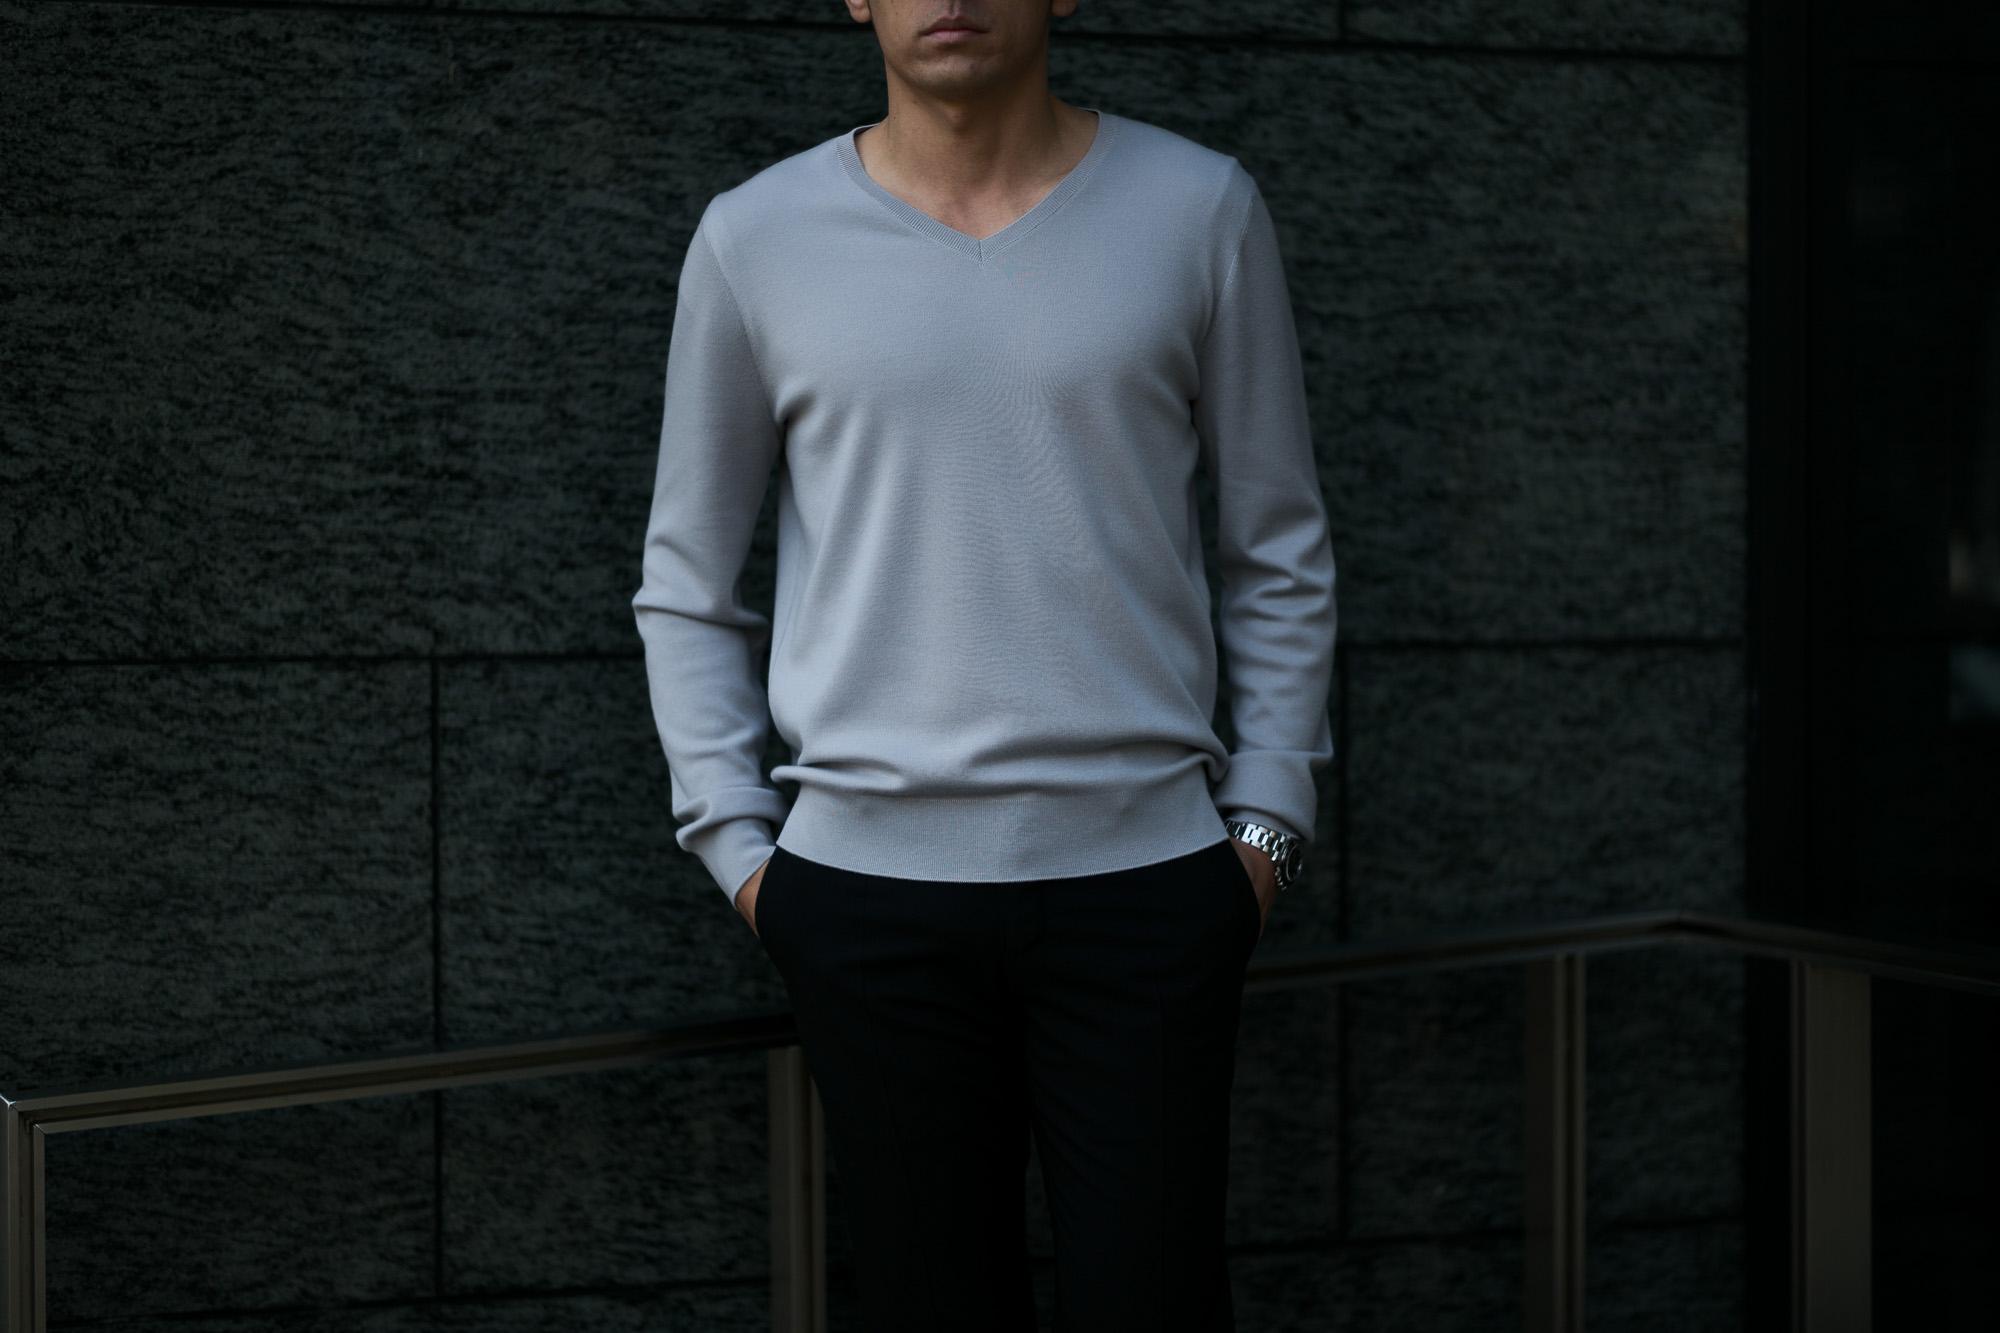 """MANRICO CASHMERE(マンリコカシミア) """"Super Cashmere"""" V Neck Sweater M040 0001 スーパーカシミヤ Vネック セーター BLACK(ブラック),SNOW WHITE(スノーホワイト),DRESS BLUES(ドレスブルー),ROYAL BLUE(ロイヤルブルー),SABLE(グレージュ),GREY STONE(ダークグレー),AZTEC(ブラウン),CAMEL(キャメル),KOMBU GREEN(グリーン),YELLOW(イエロー),GRENADINE(オレンジ),HIGH RISK RED(ハイリスクレッド) MADE IN ITALY(イタリア製) 2020AW マンリコカシミア スーパーカシミア クルーネックセーター カシミヤ 愛知 名古屋 altoediritto アルトエデリット"""